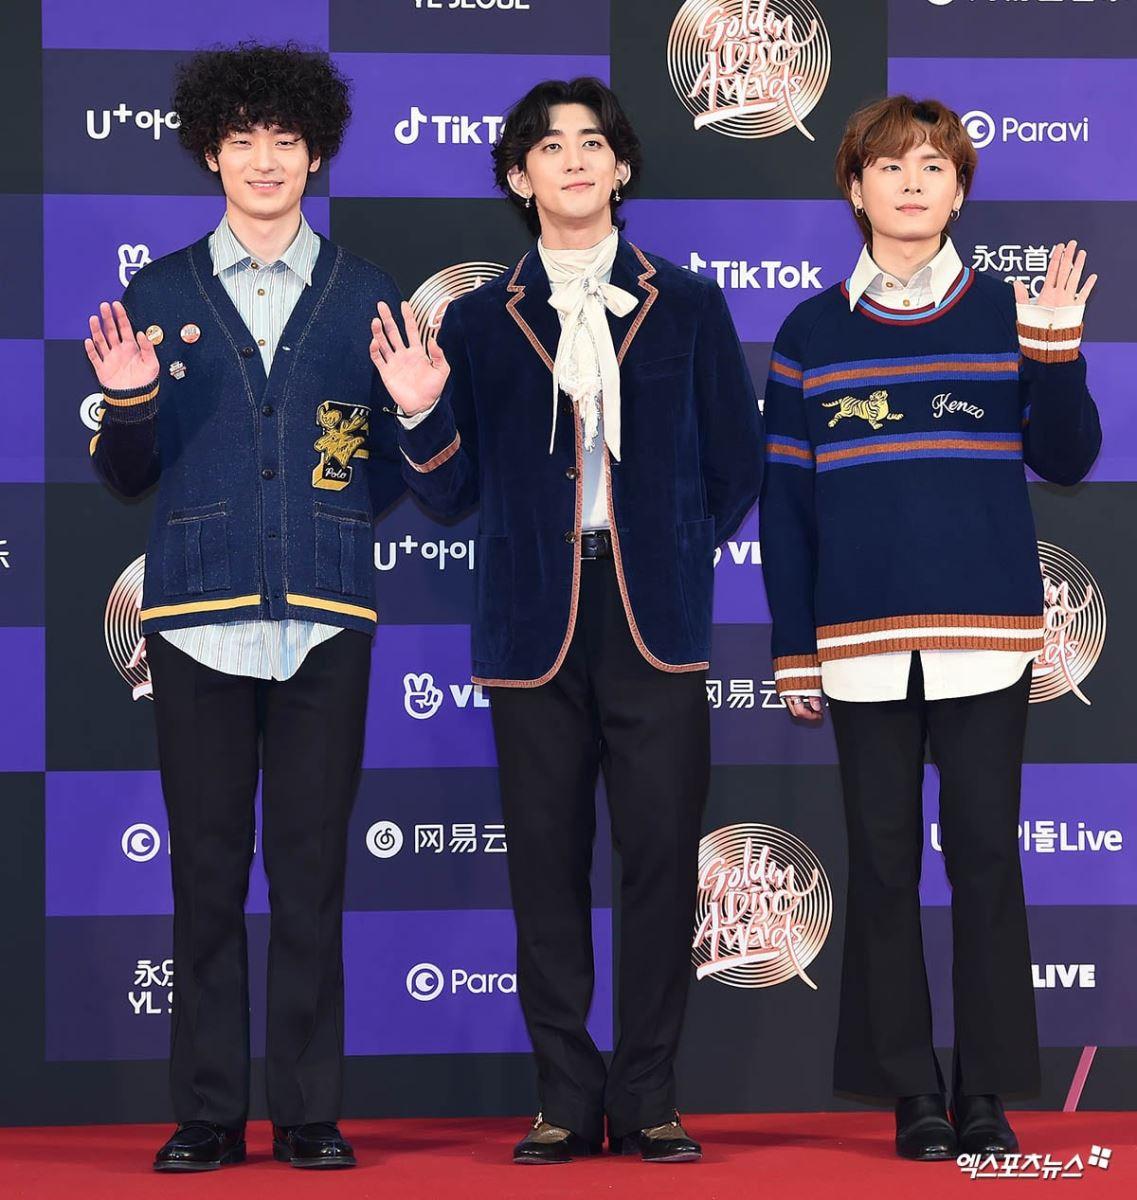 BTS, BTS thắng lớn tại giải Đĩa vàng 2020 Ngày 1, BTS tin tức mới, BTS 2020, bts tin tức, Bts, BTS video, bts giải thưởng